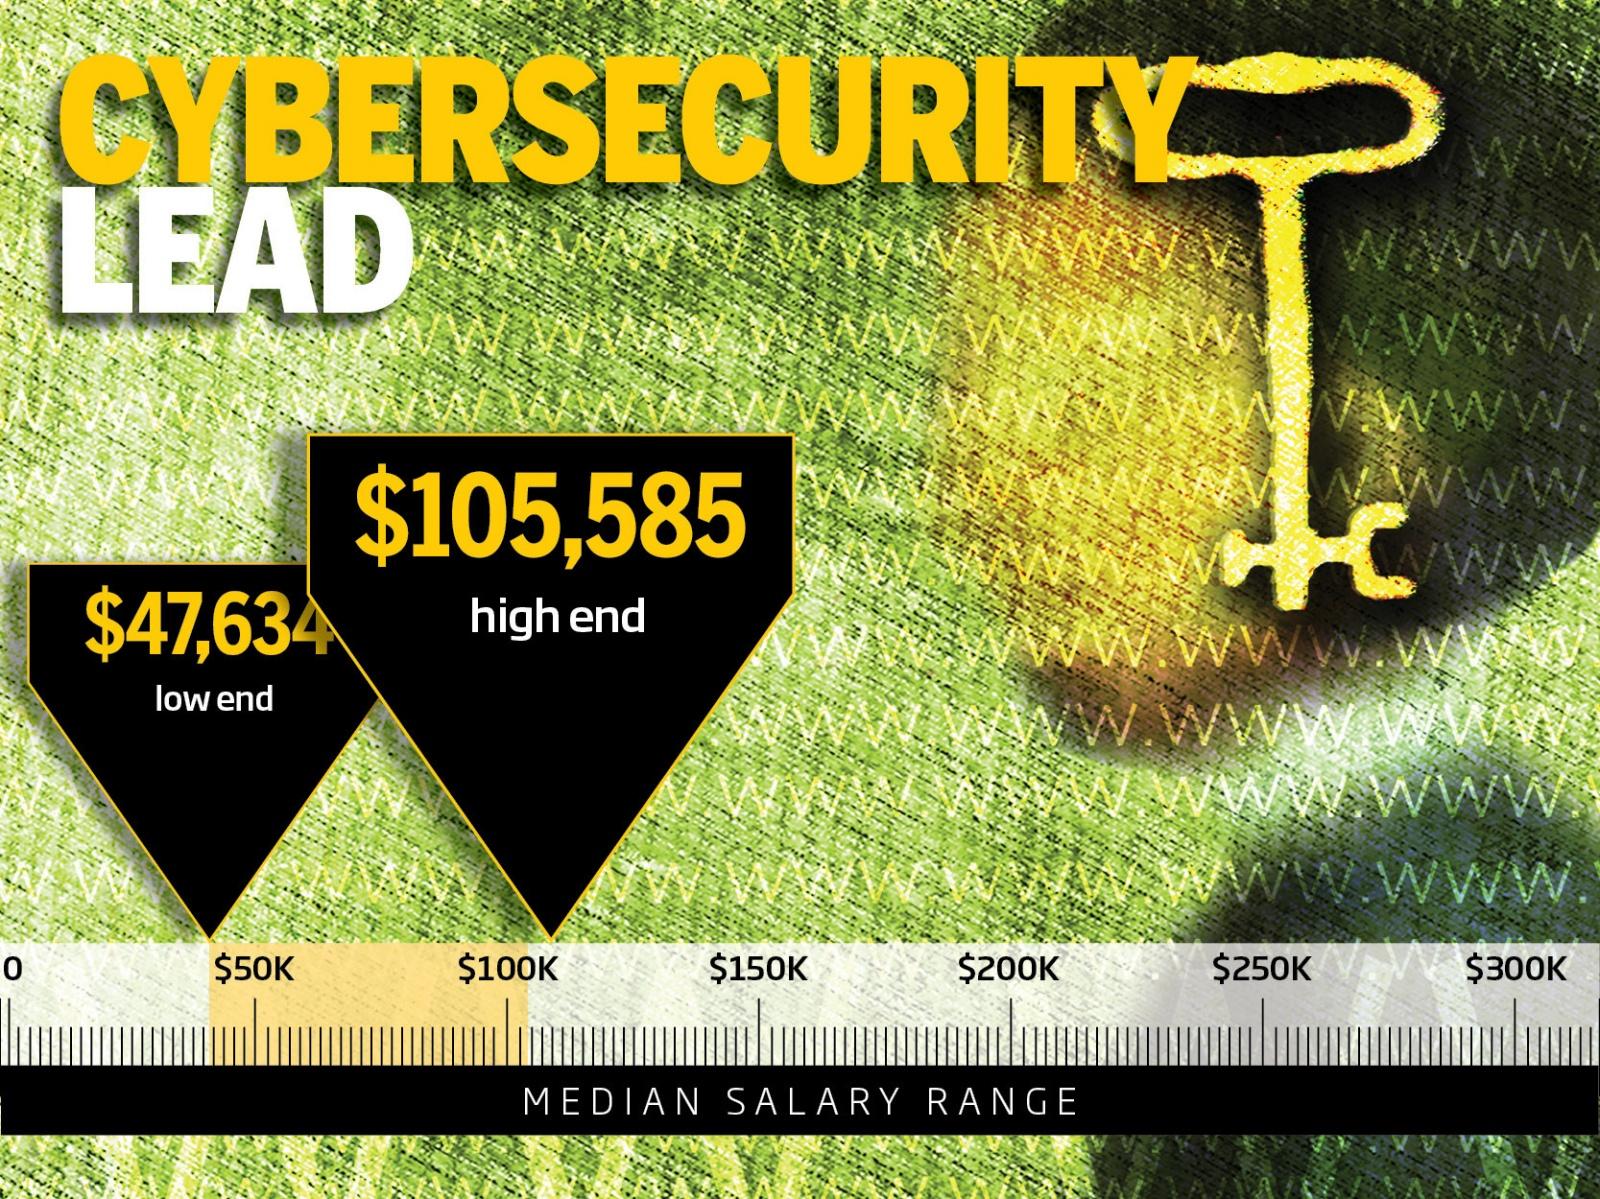 ТОП-10 самых высокооплачиваемых профессий в IT-безопасности - 8